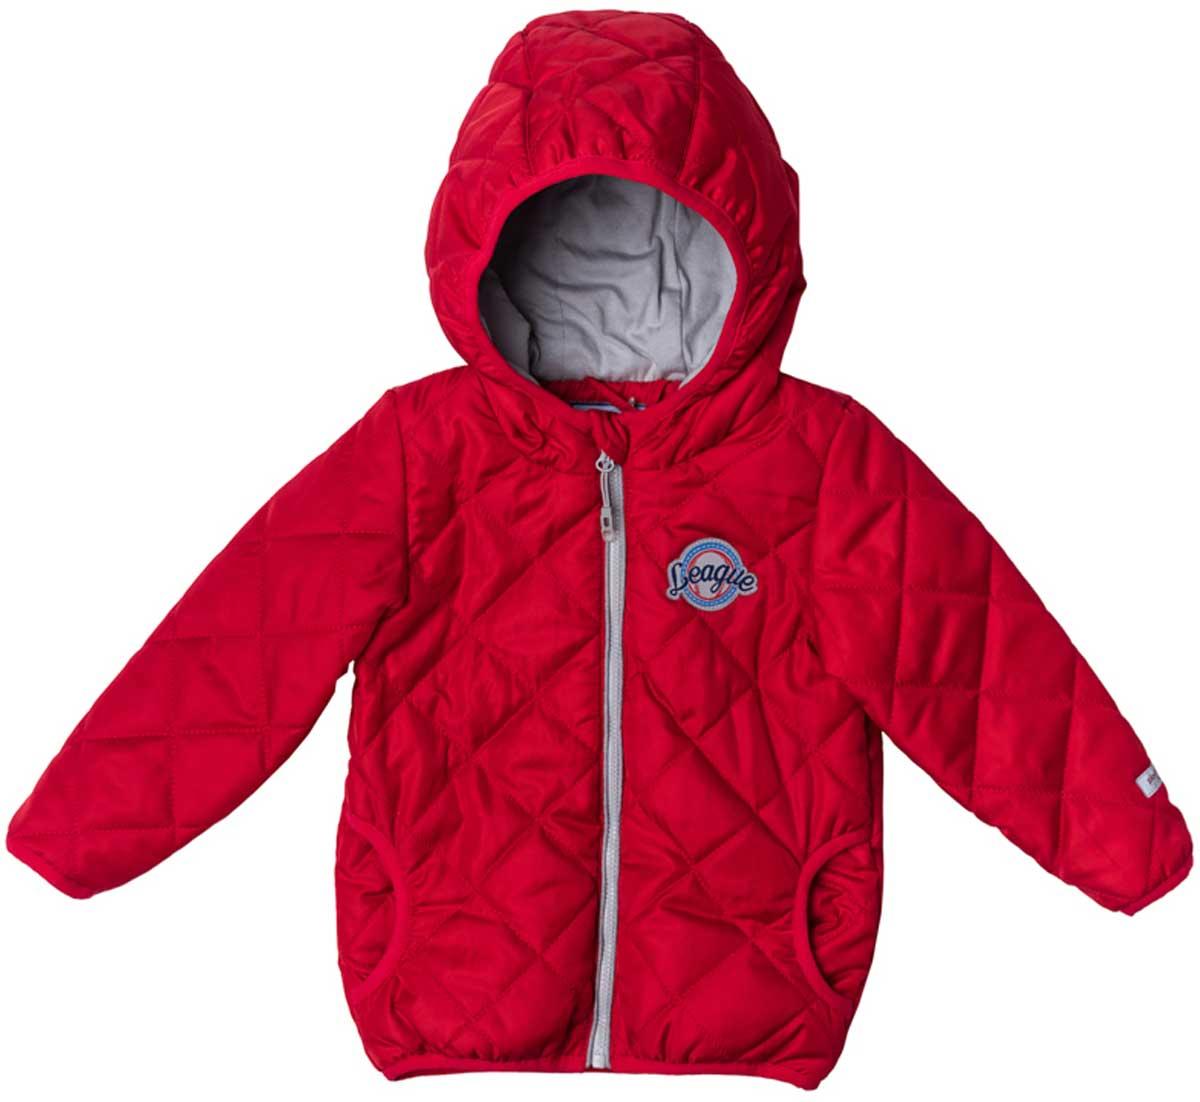 Куртка для мальчика PlayToday, цвет: красный. 177003. Размер 86177003Утепленная стеганая куртка - прекрасное решение для прохладной погоды. Мягкие трикотажные резинки на рукавах защитят вашего ребенка - ветер не сможет проникнуть под куртку. Специальный карман для фиксации застежки-молнии не позволит застежке травмировать нежную детскую кожу. Мягкая резинка на капюшоне не позволит ему упасть с головы вашего ребенка даже во время активных игр. Модель снабжена светоотражателями на рукаве и по низу изделия - ваш ребенок будет виден даже в темное время суток.